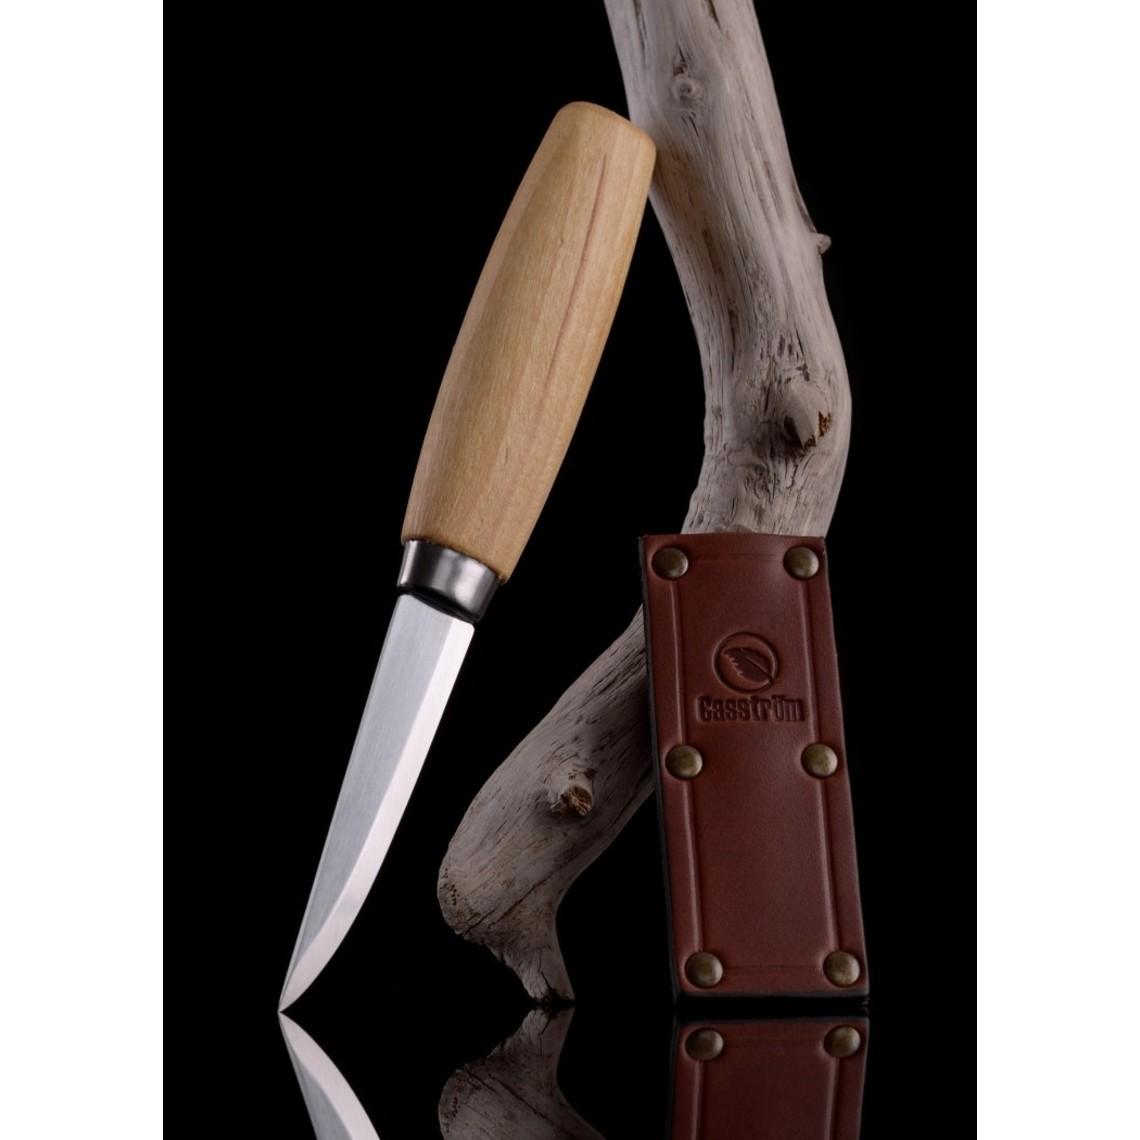 Casström Cuchillo tradicional para tallar en madera